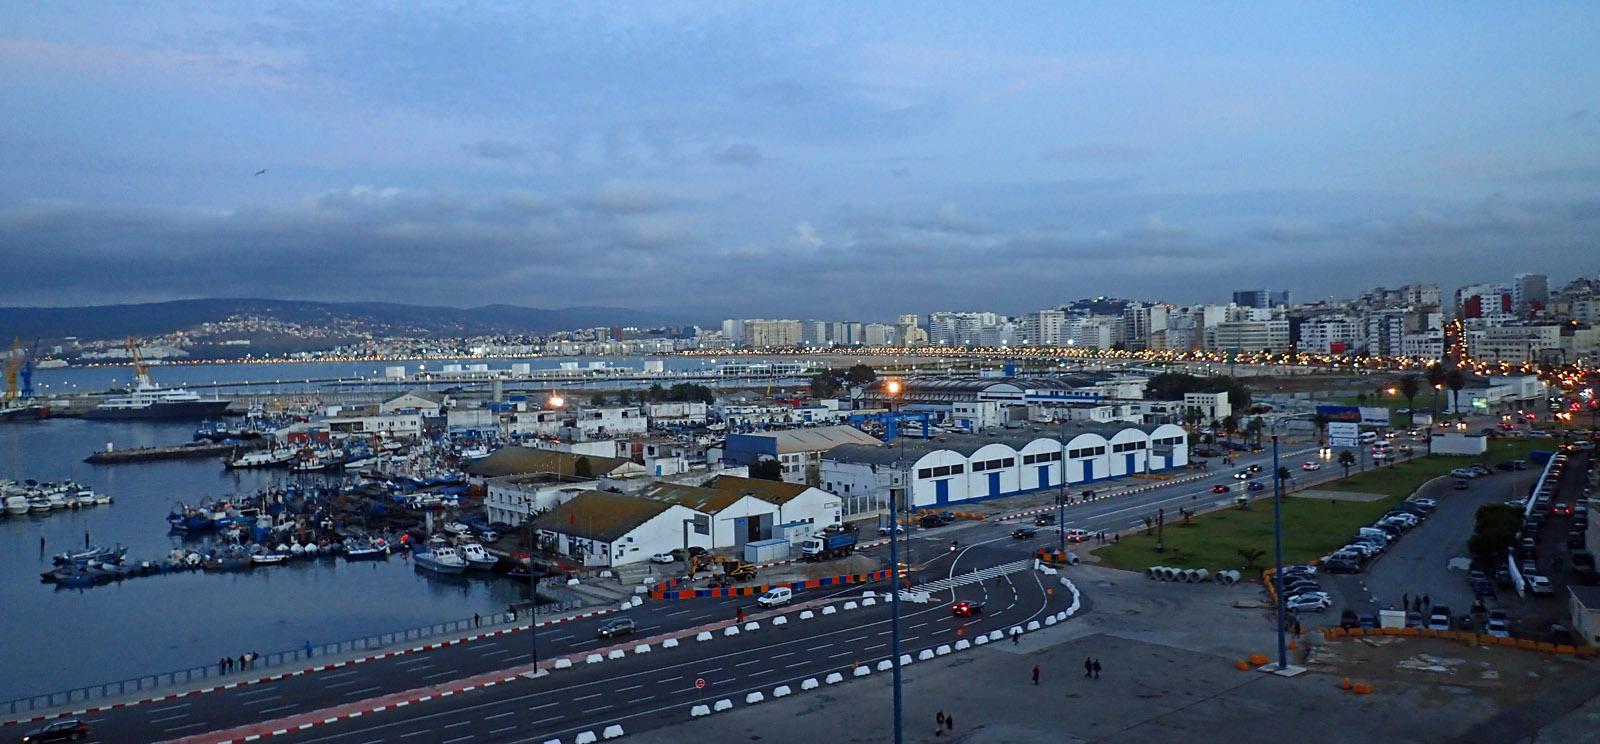 Der abendliche Hafen von Tanger